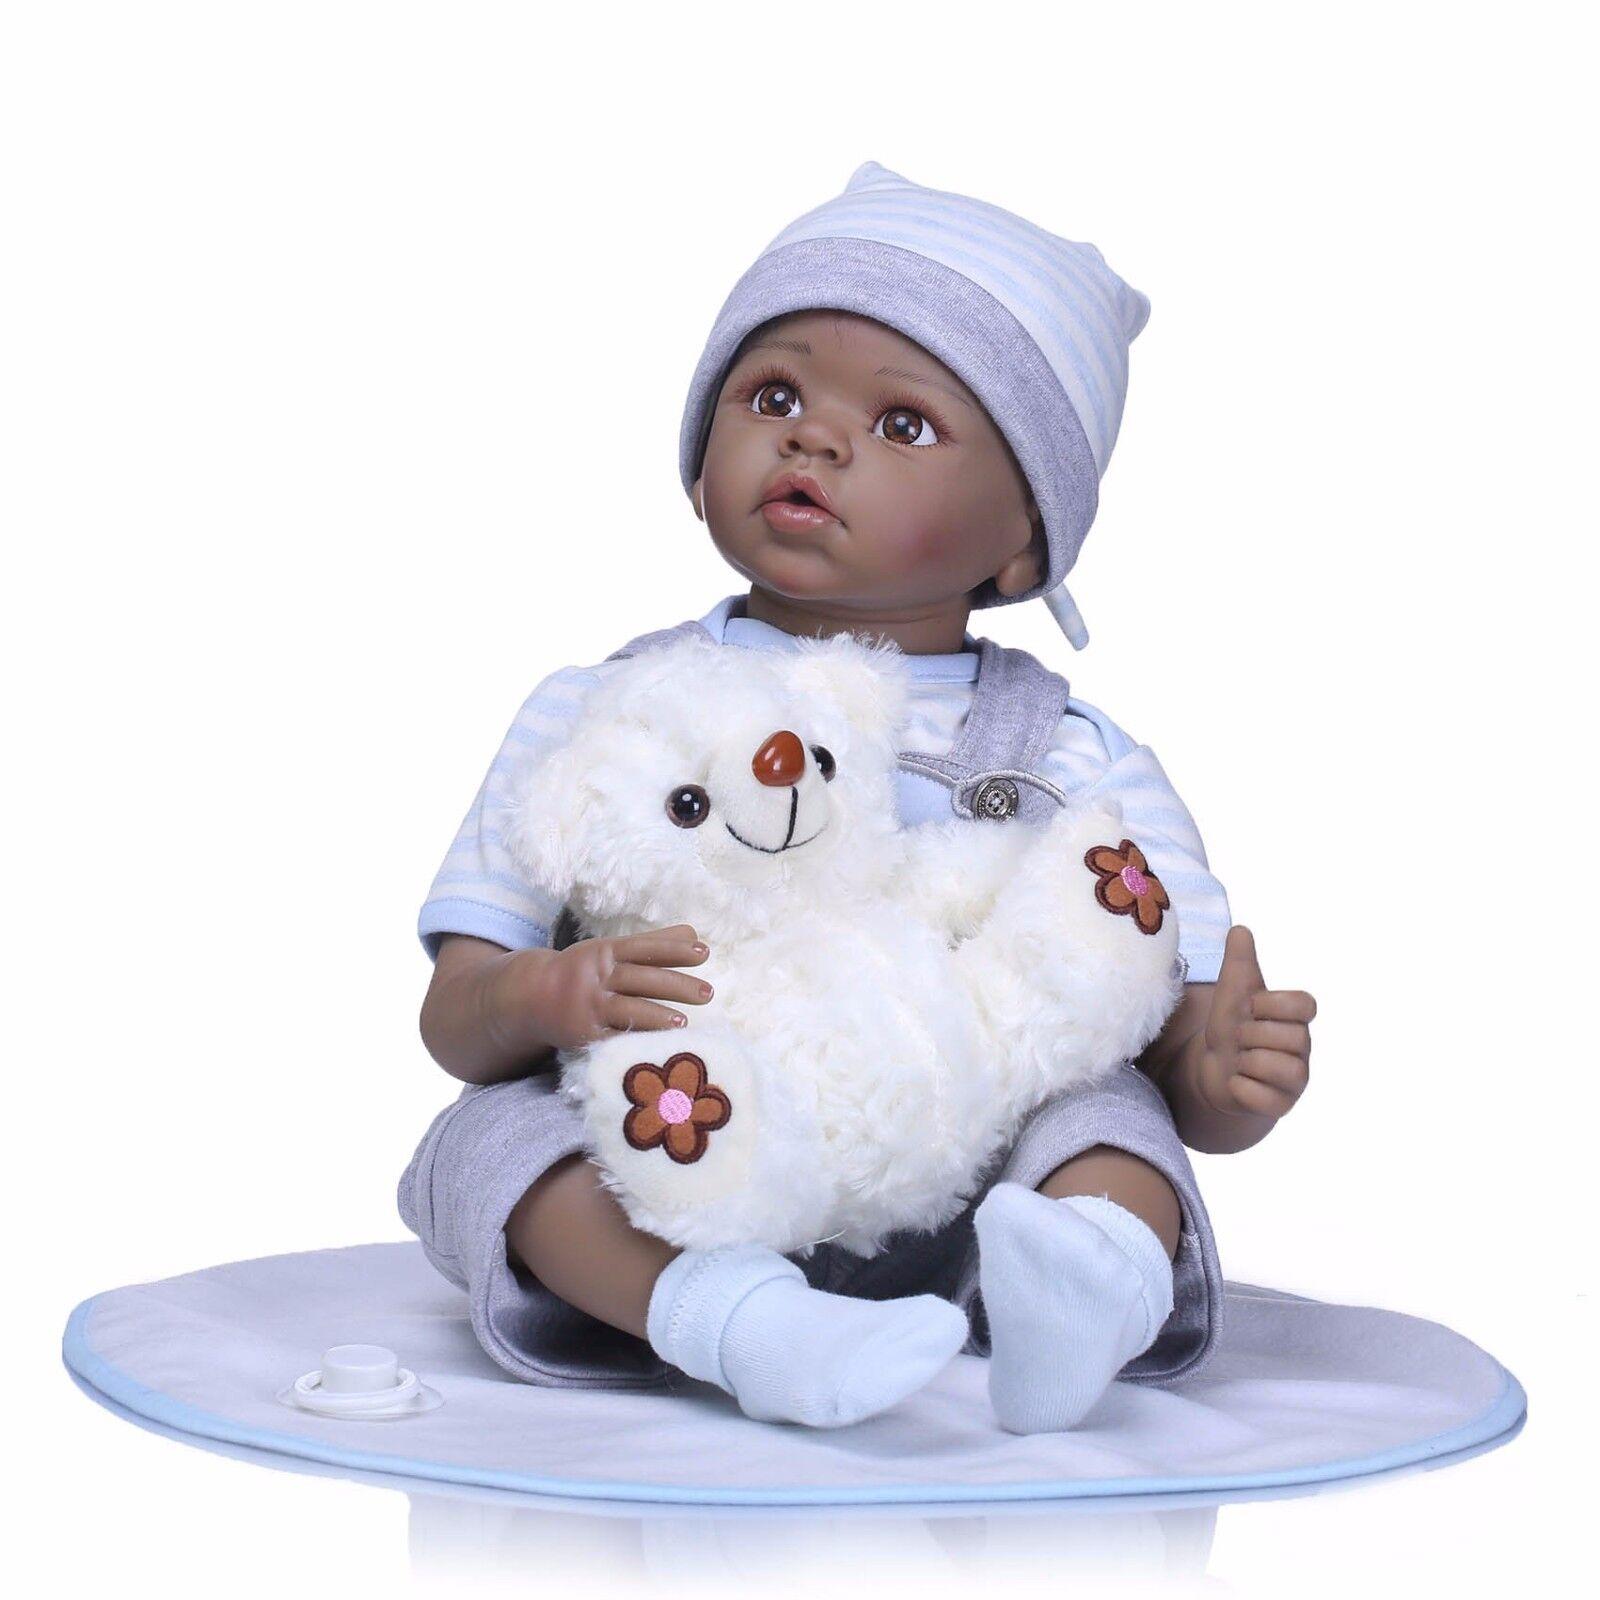 NUOVO 22  RINATO Baby Boy Doll Nero afroamericano ETNICO BI neonato giocattolo